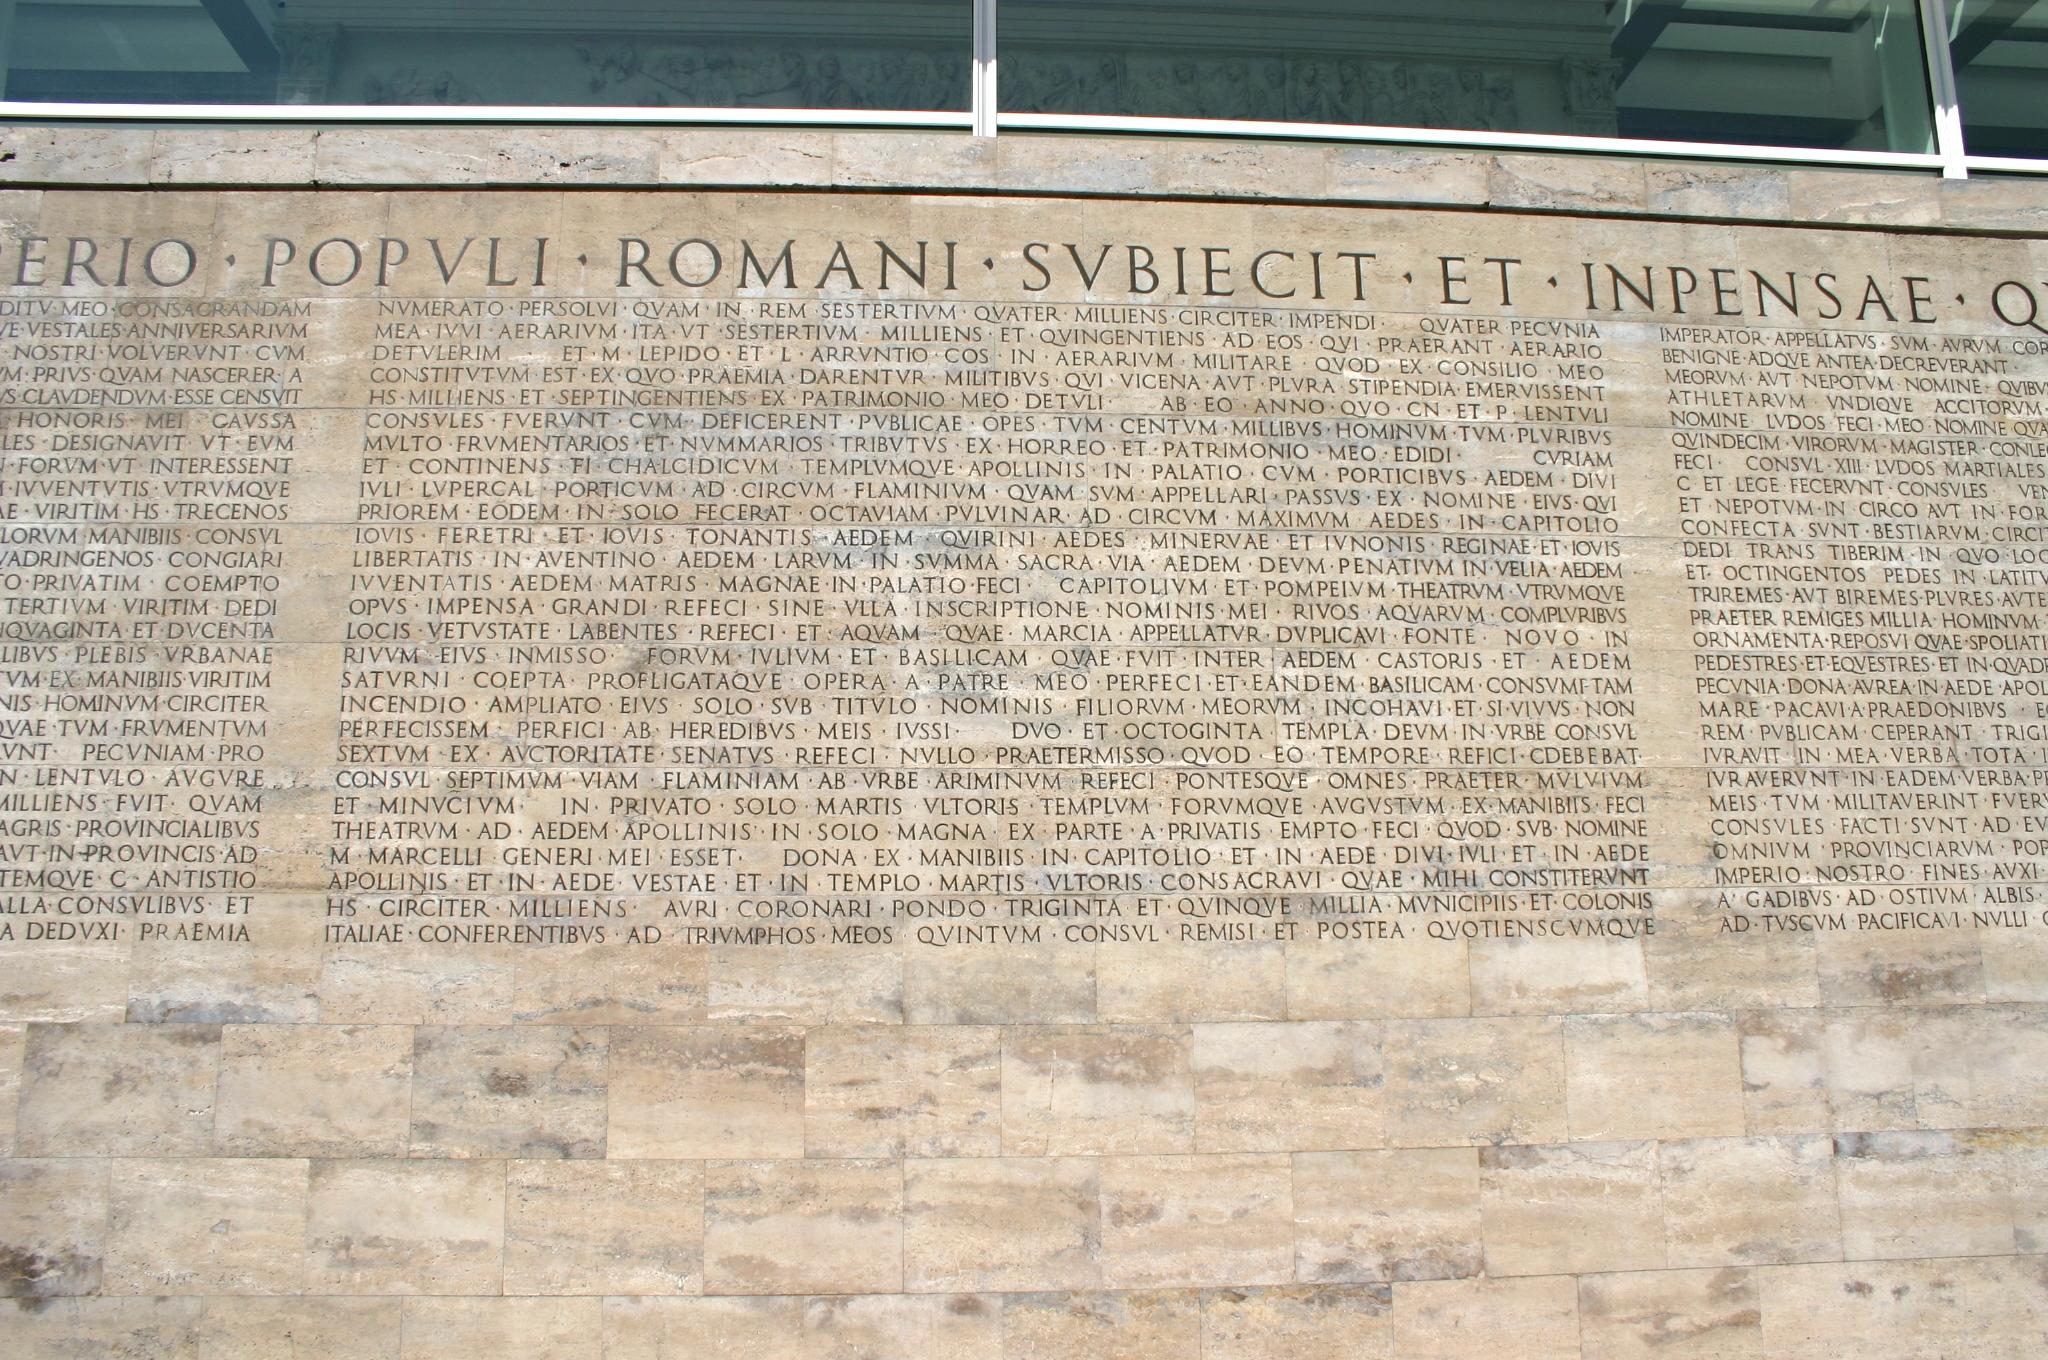 File 8165 roma testo monumentum ancyranum presso ara pacis foto giovanni dall 39 orto 29 mar - Res gestae divi augusti pdf ...